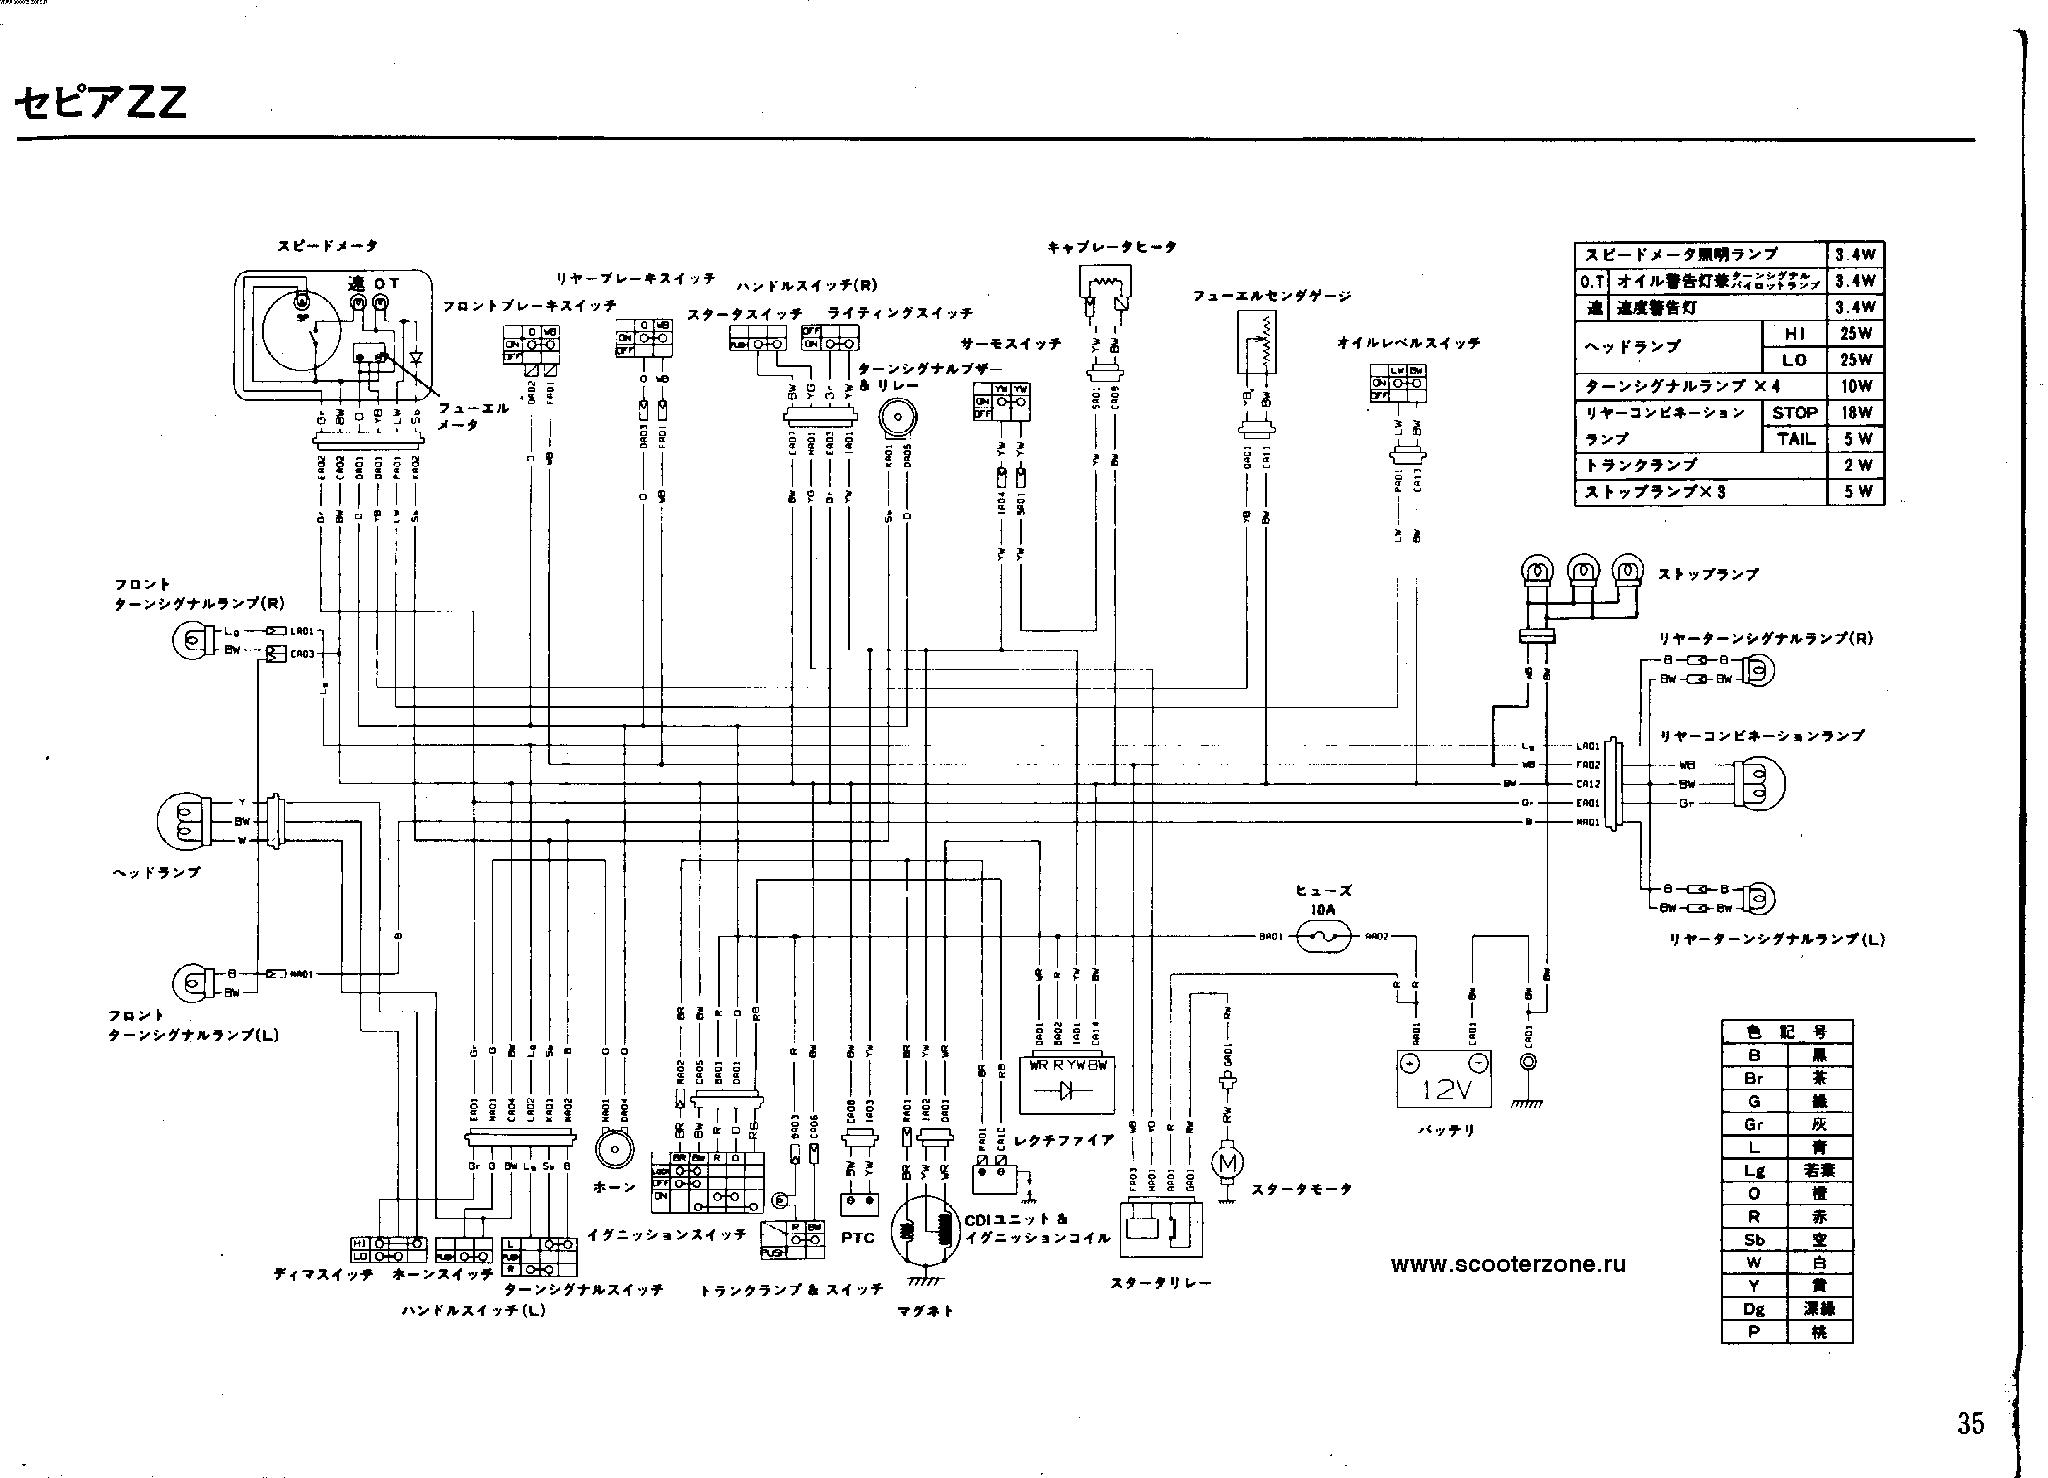 Схема по ремонту скутера Suzuki ZZ.